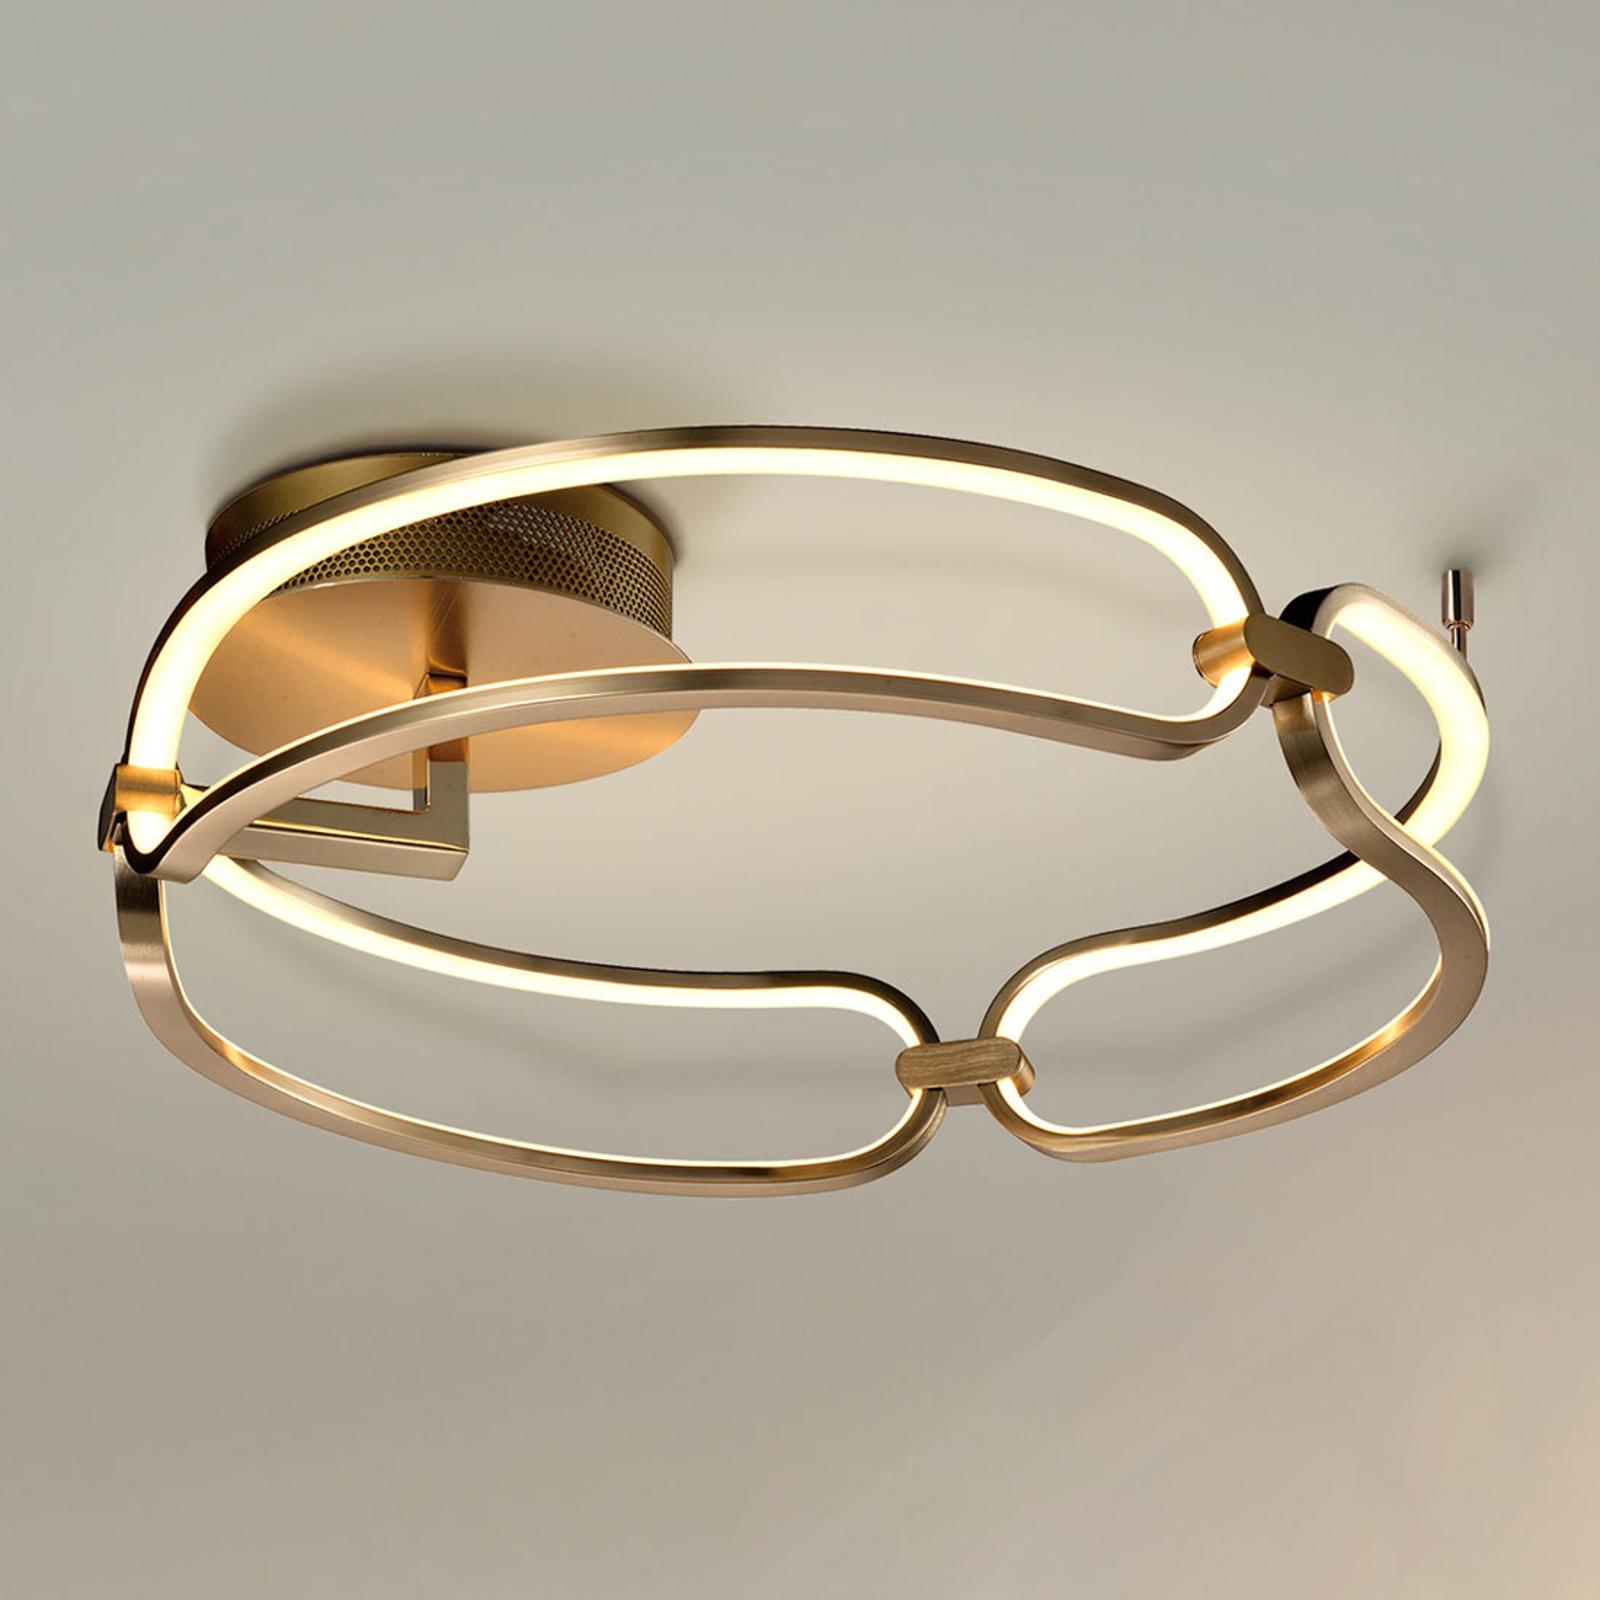 Lampa sufitowa LED Colette, 3-punktowa, złota